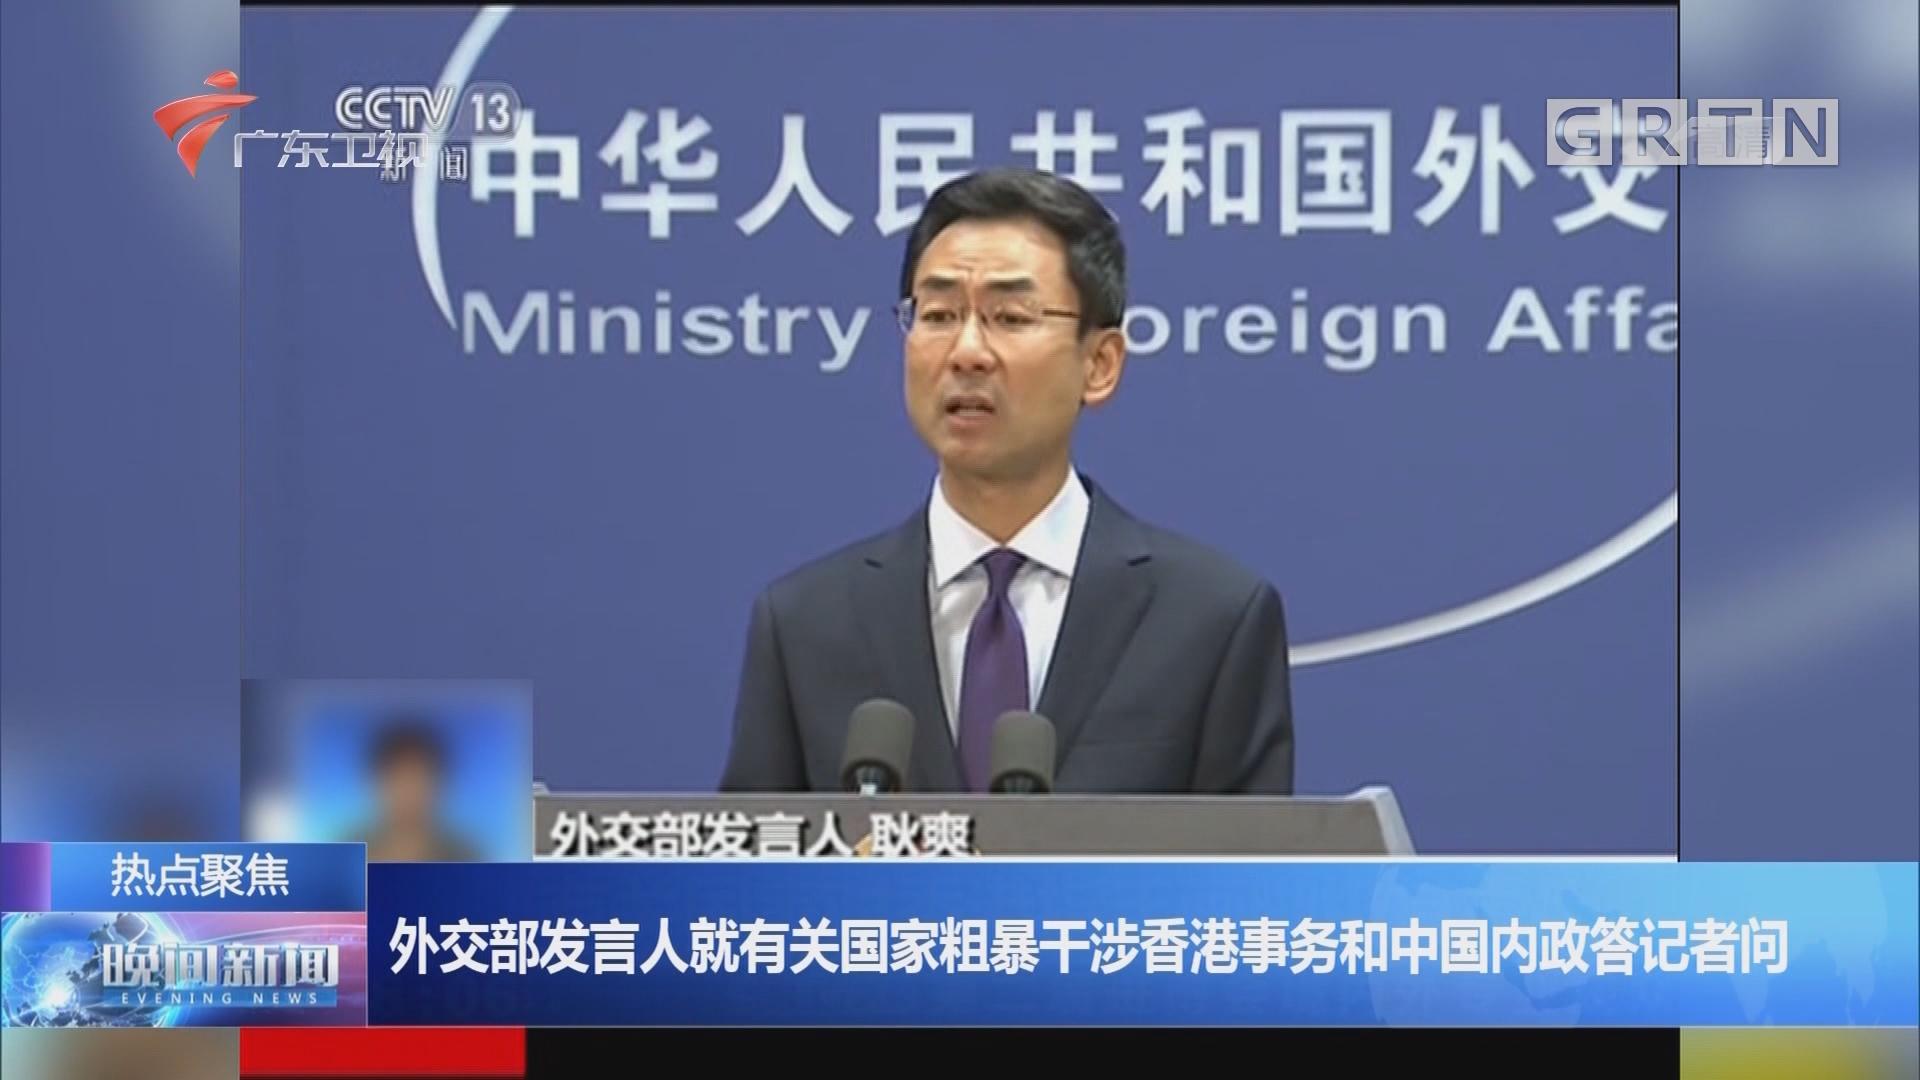 外交部发言人就有关国家粗暴干涉香港事务和中国内政答记者问